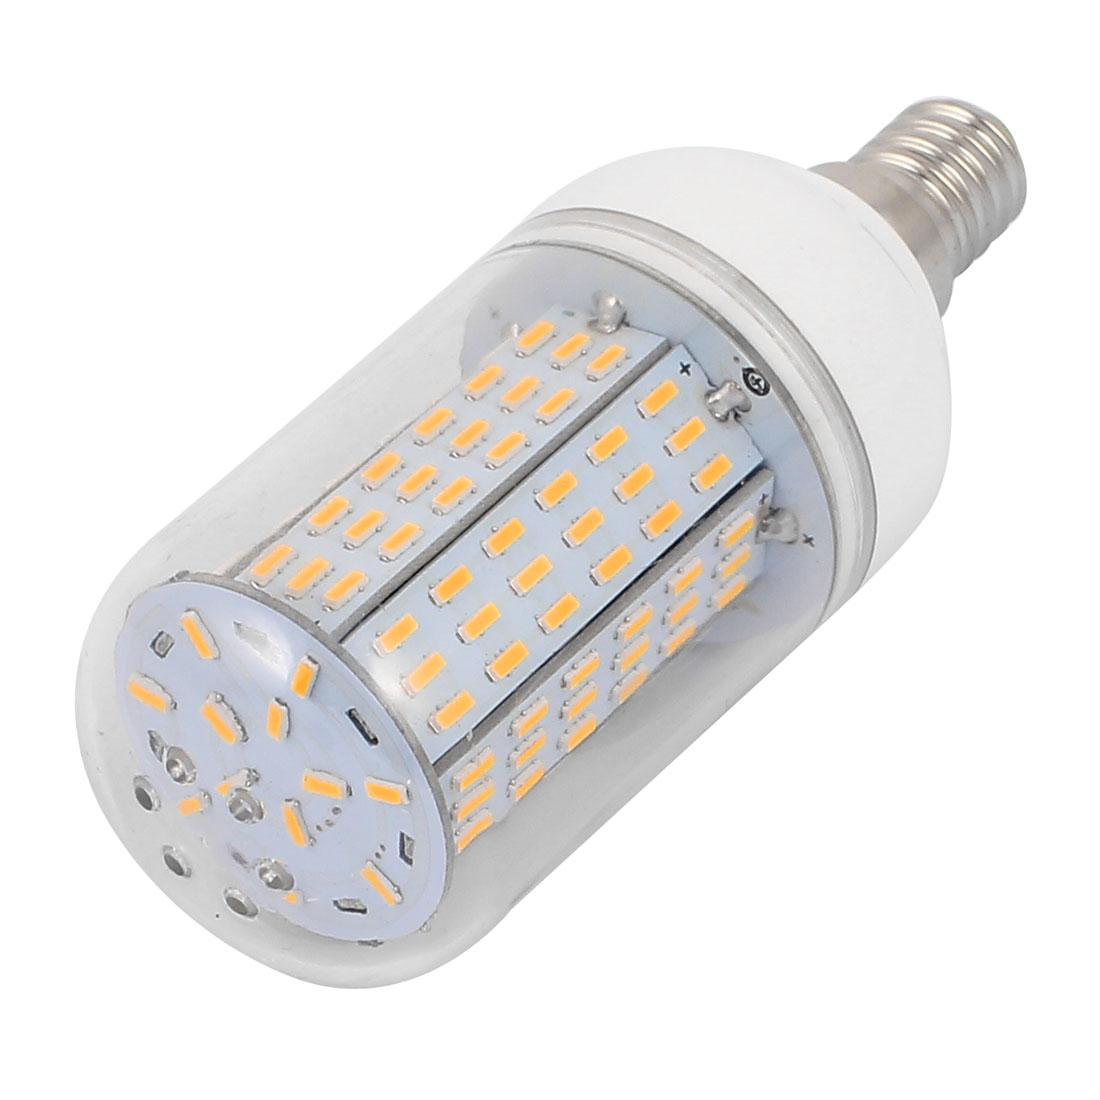 AC110V 12W 139 x 4014LED E14 Corn Bulb Light Lamp Energy Saving Warm White